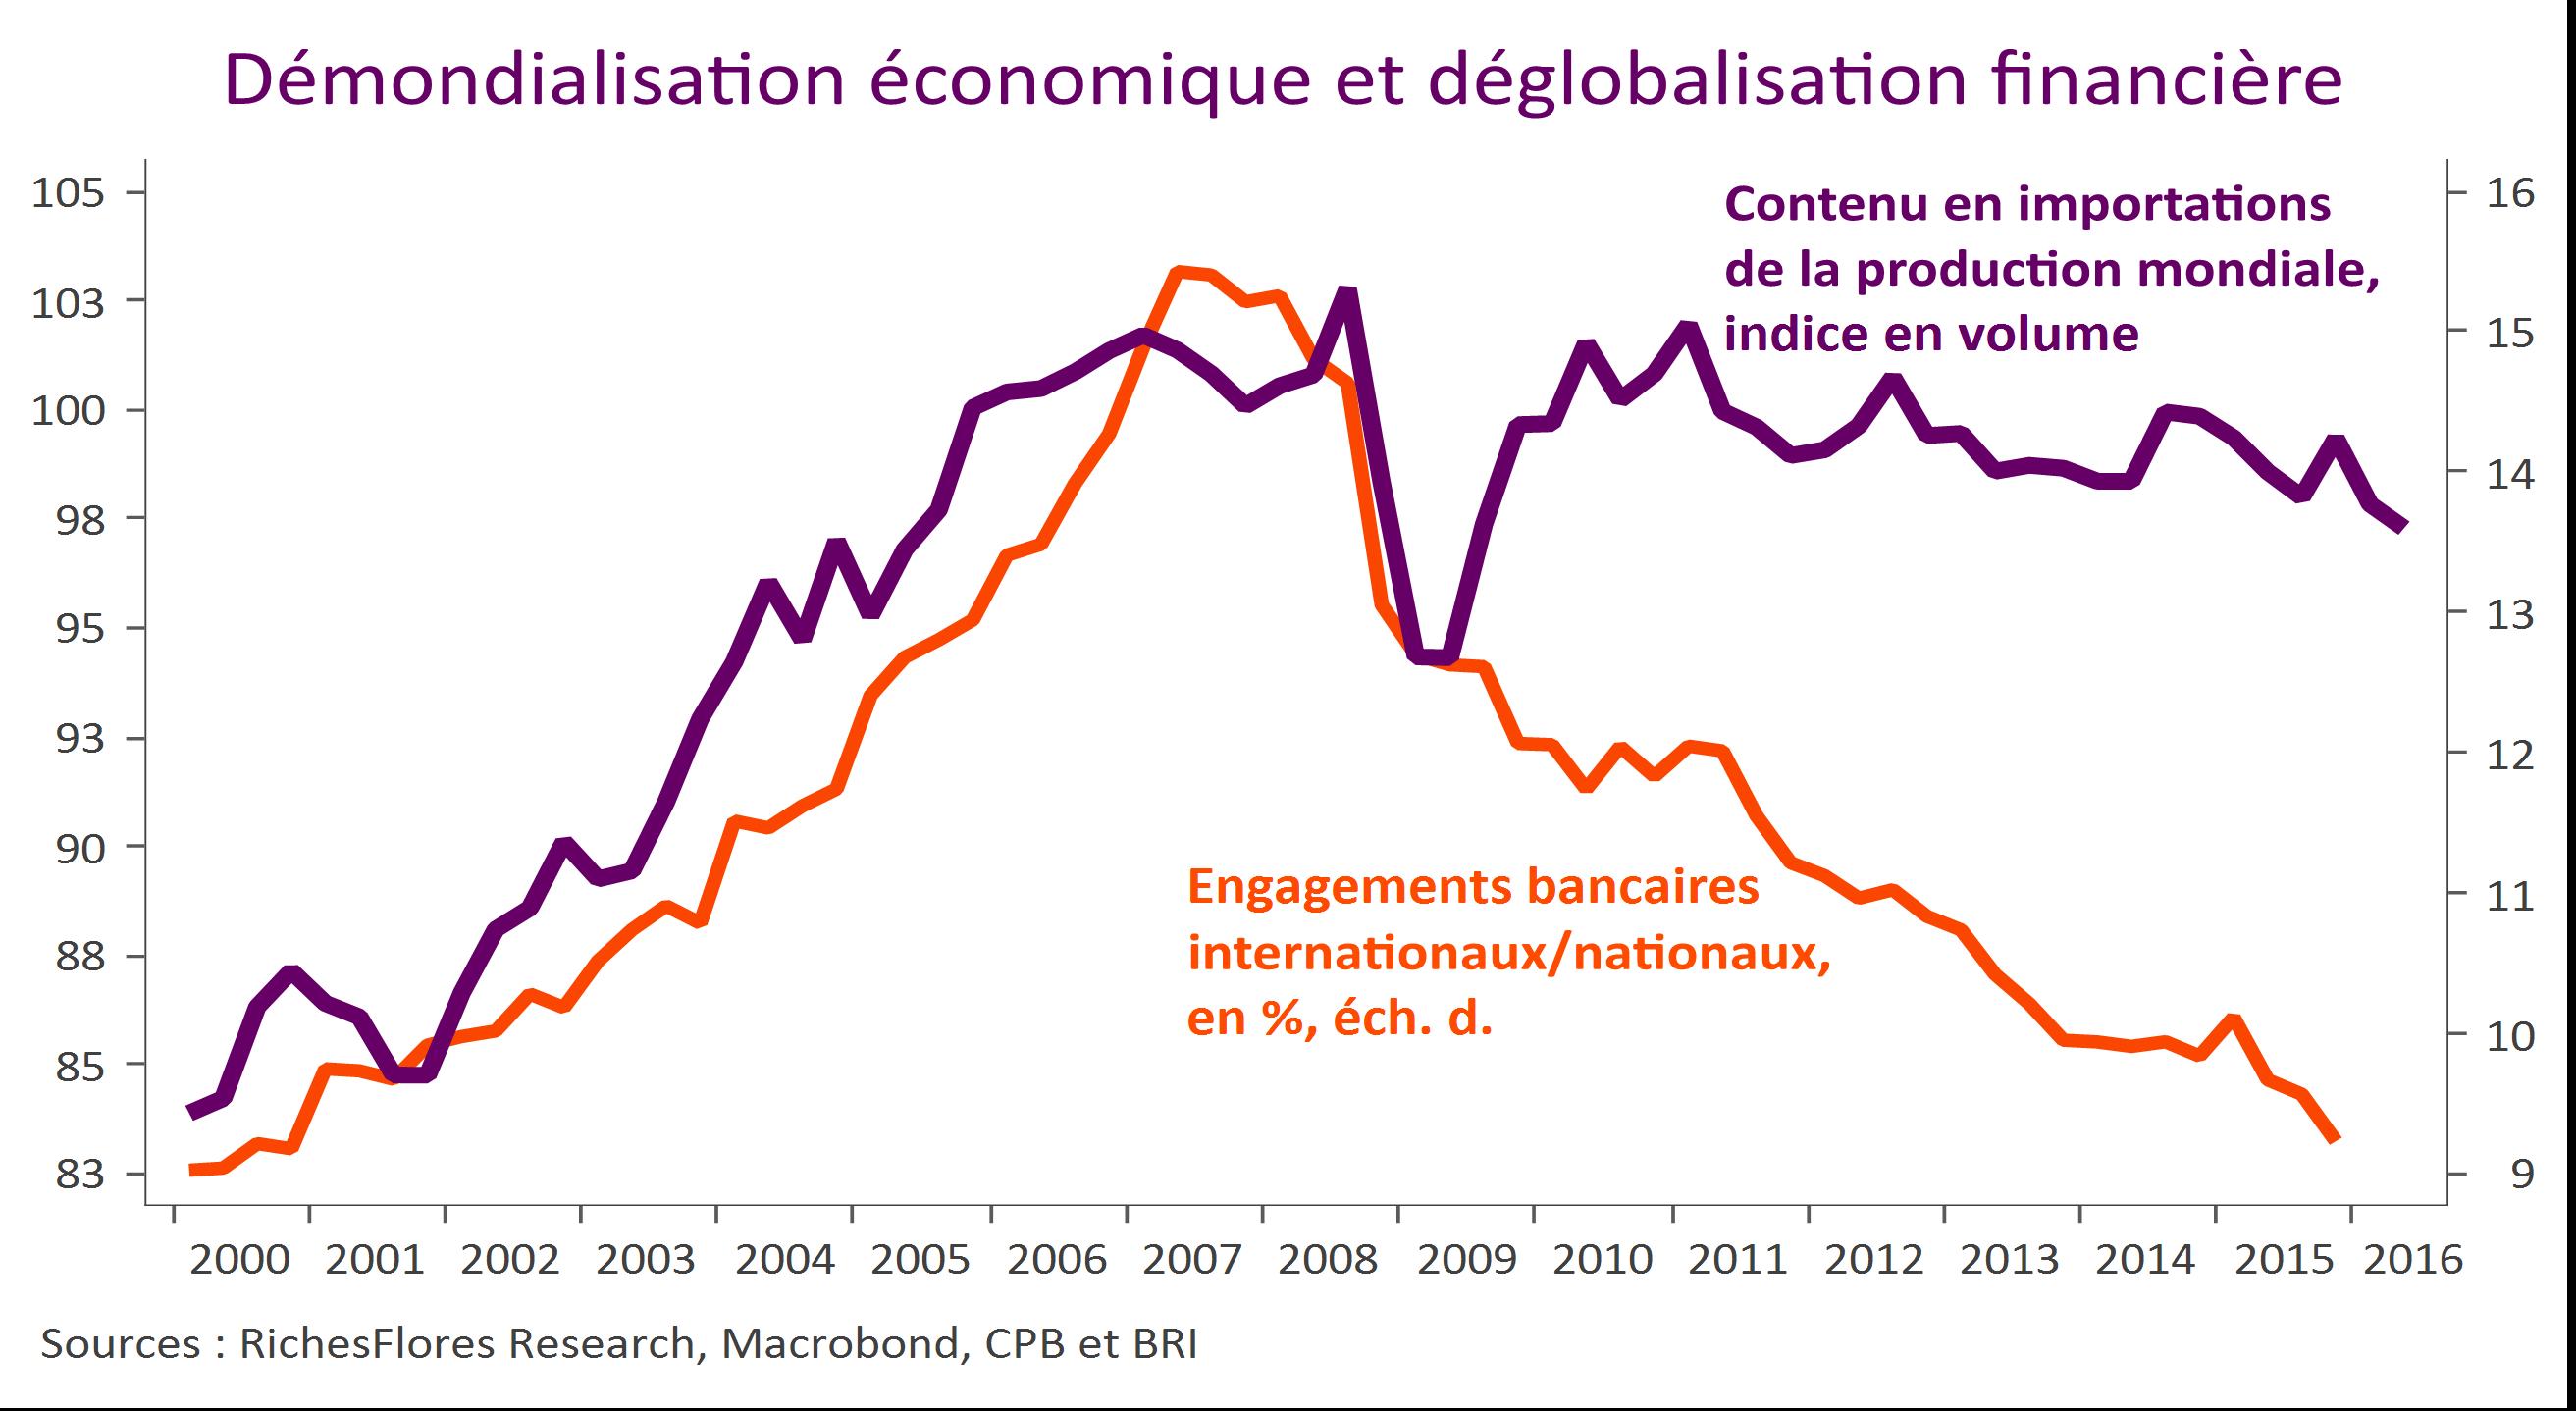 demondialisation